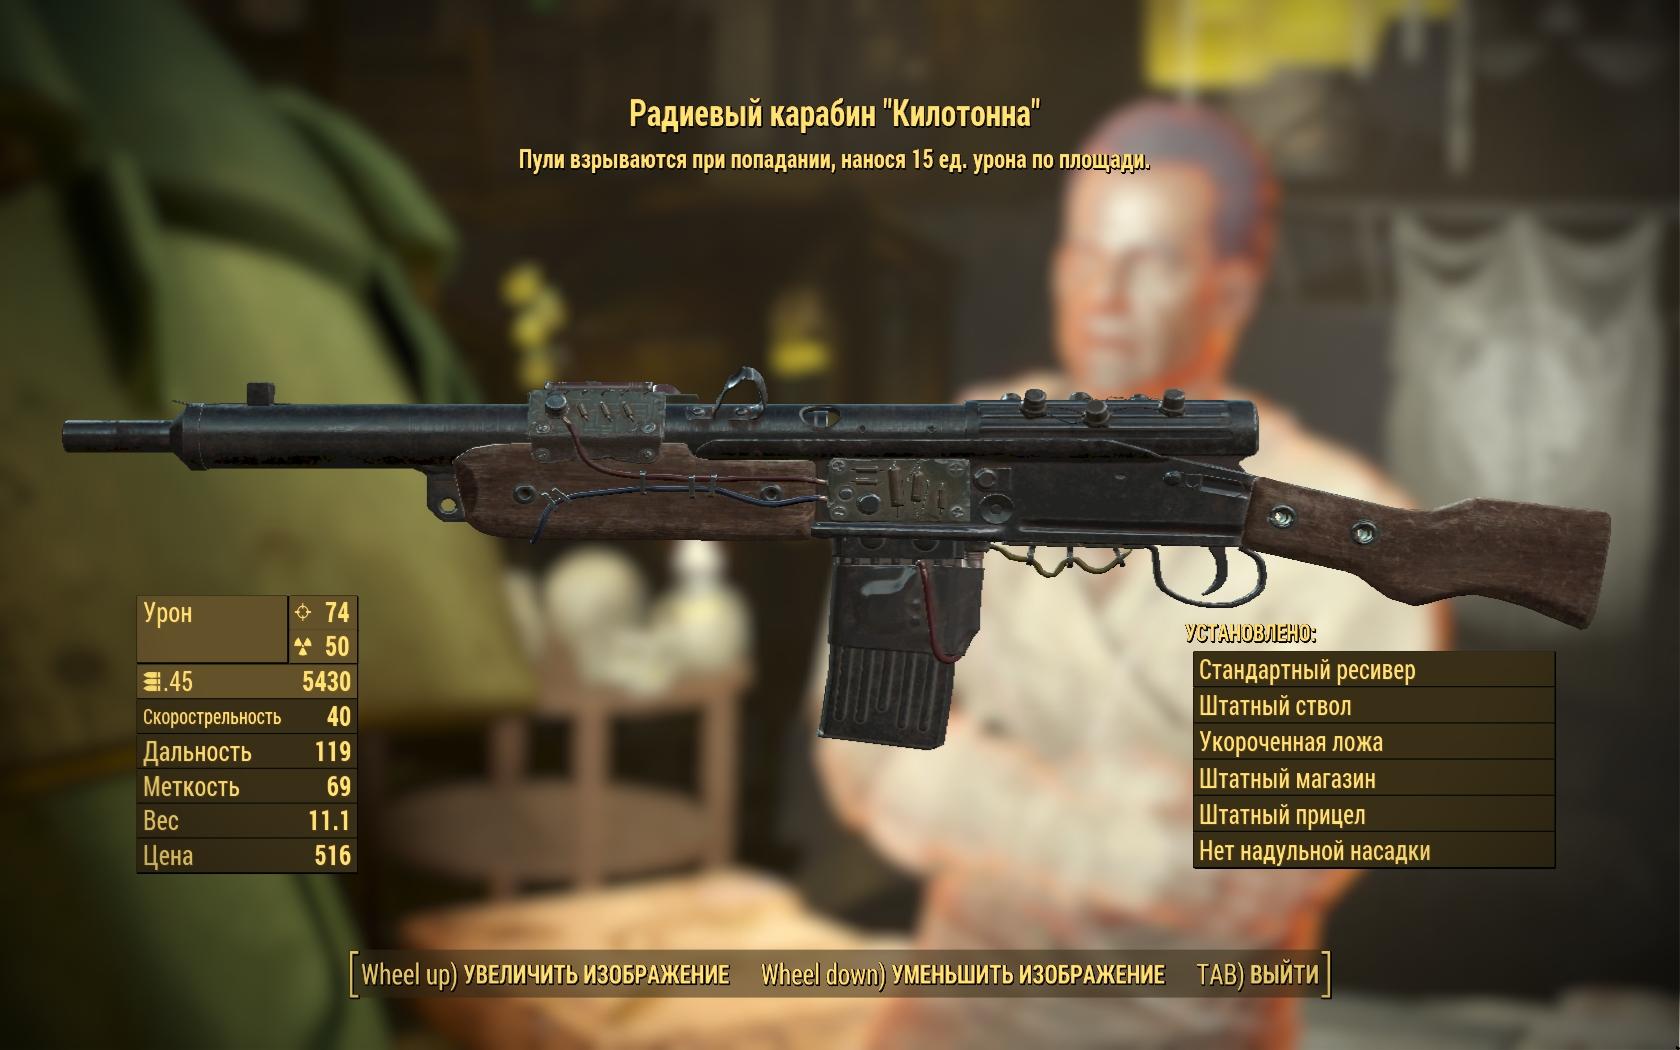 карабин - Fallout 4 брат Кейн, Кейн, Килотонна, Оружие, Радиевый, Ядро